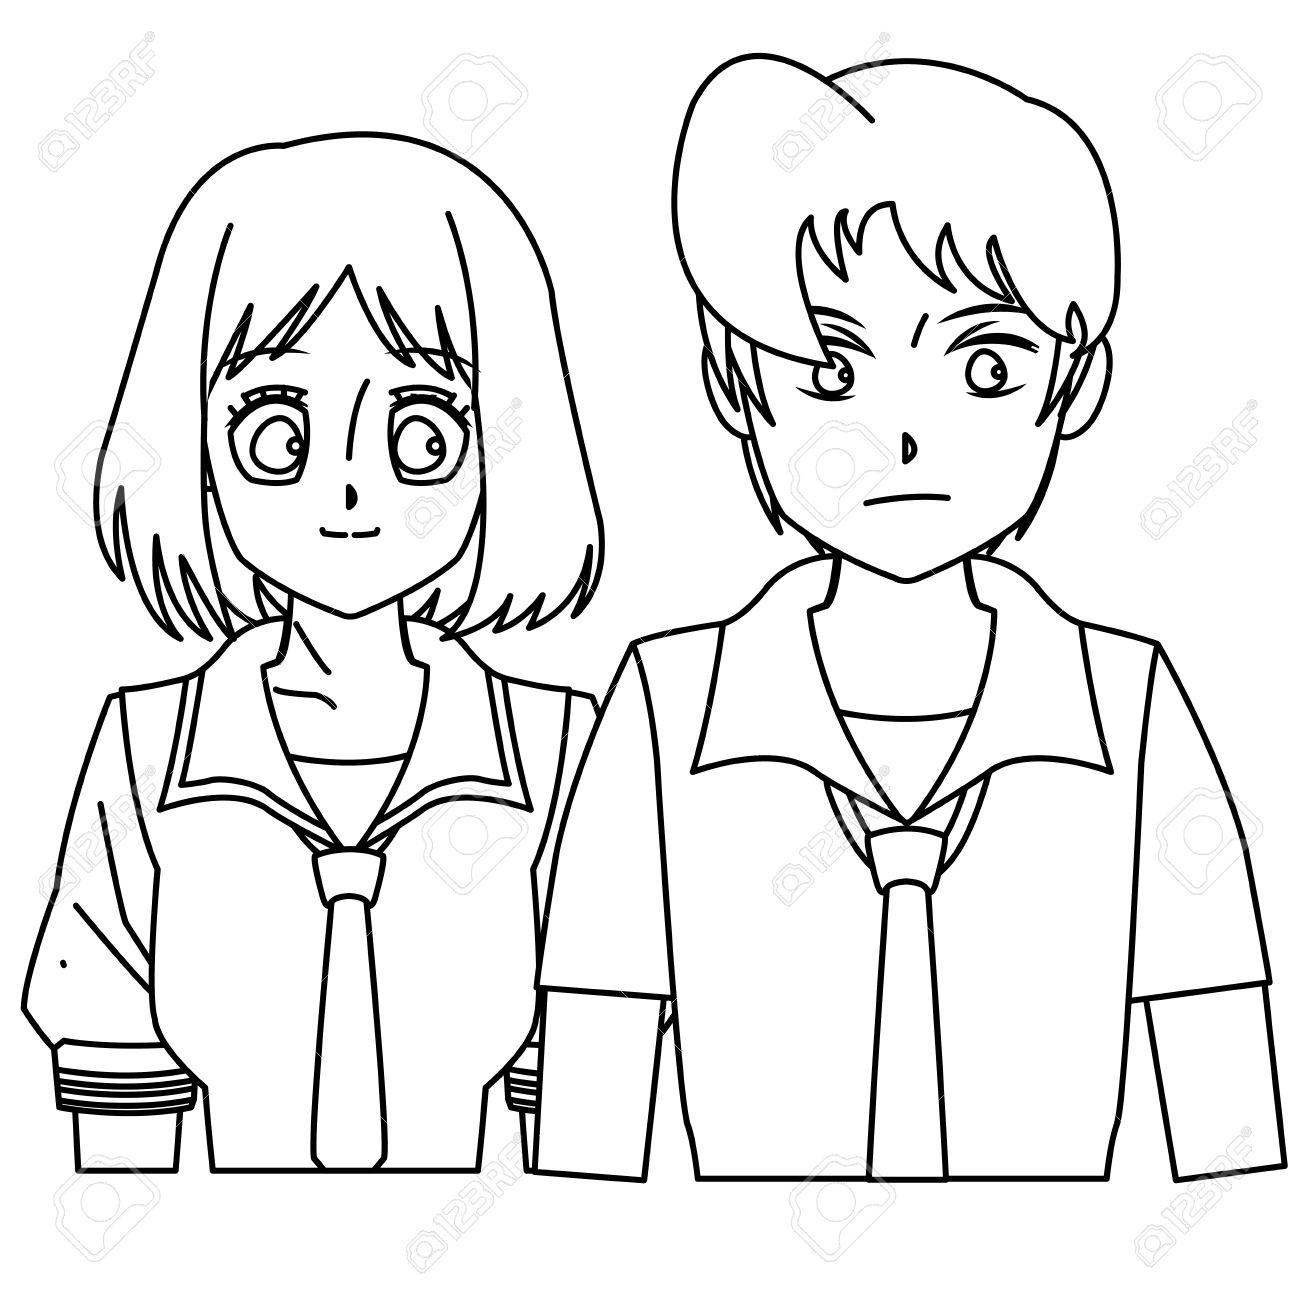 Tudiant Fille Garçon Anime Dessin Animé Contour Vecteur Illustration